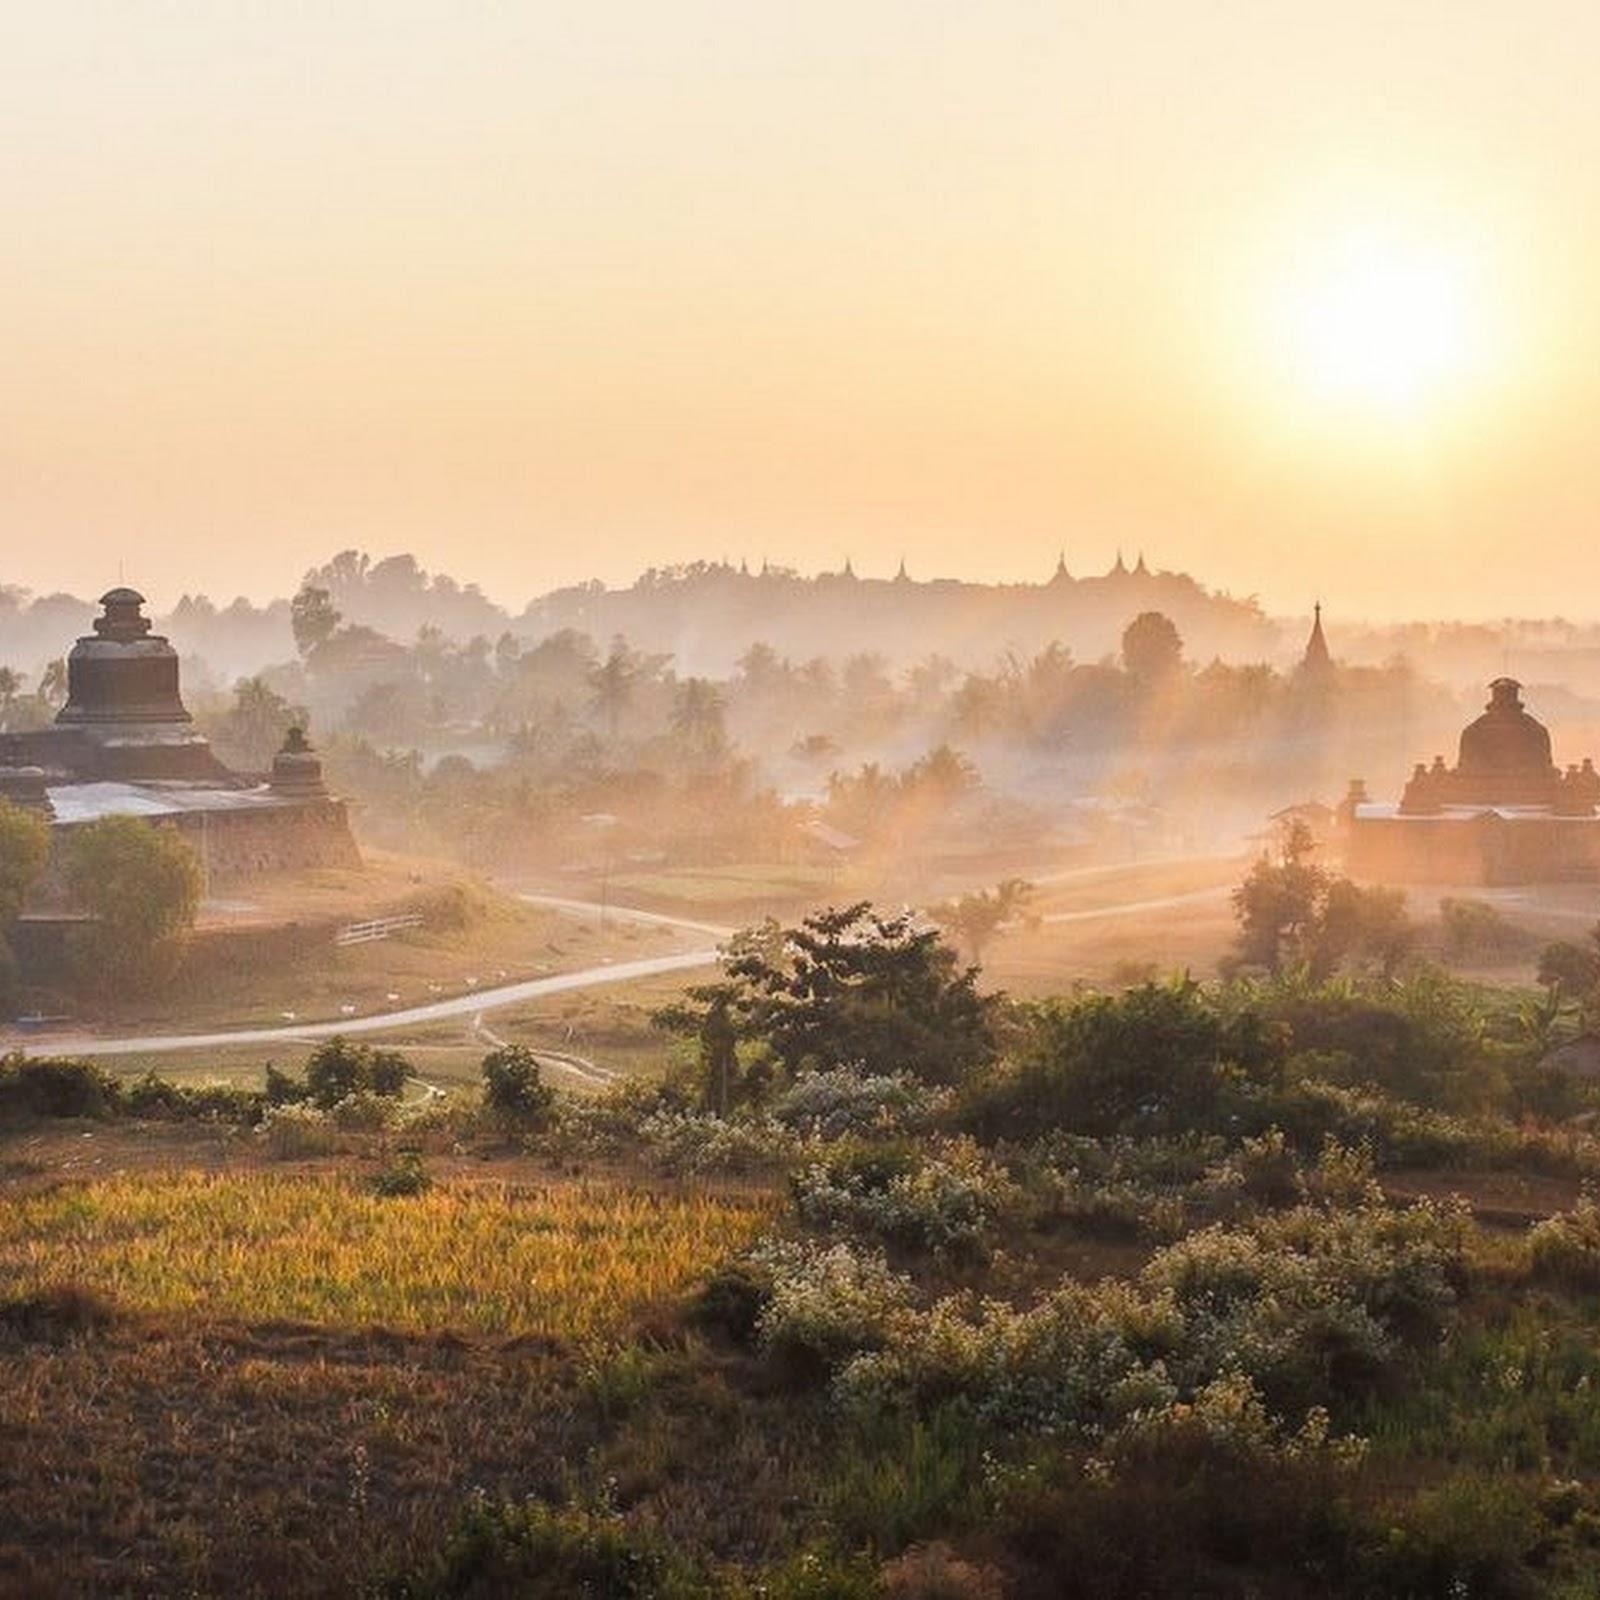 The Forgotten Ruins of Mrauk U